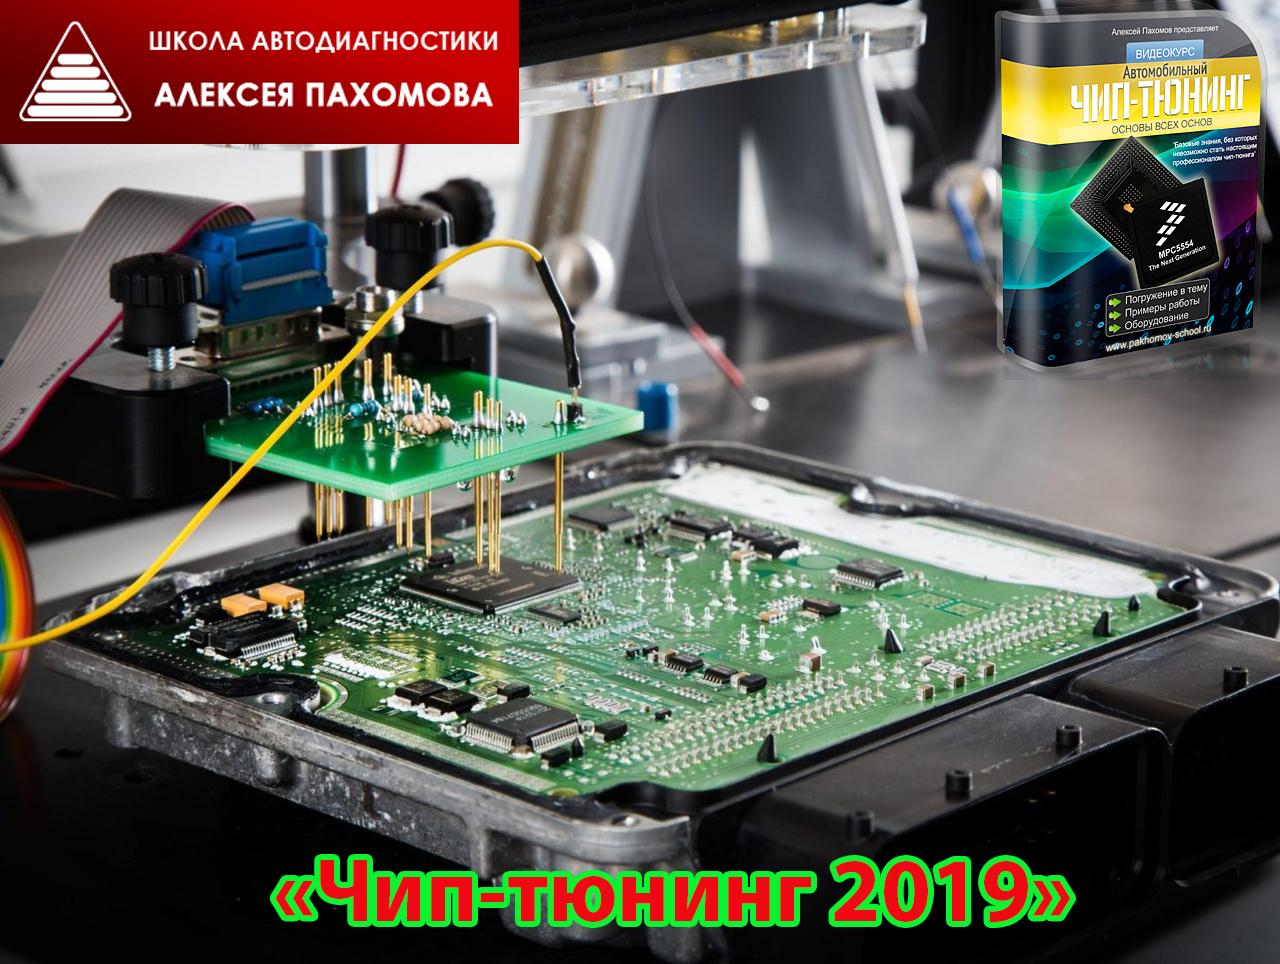 """Курс """"Чип-тюнинг 2019"""" (Алексей Пахомов)"""